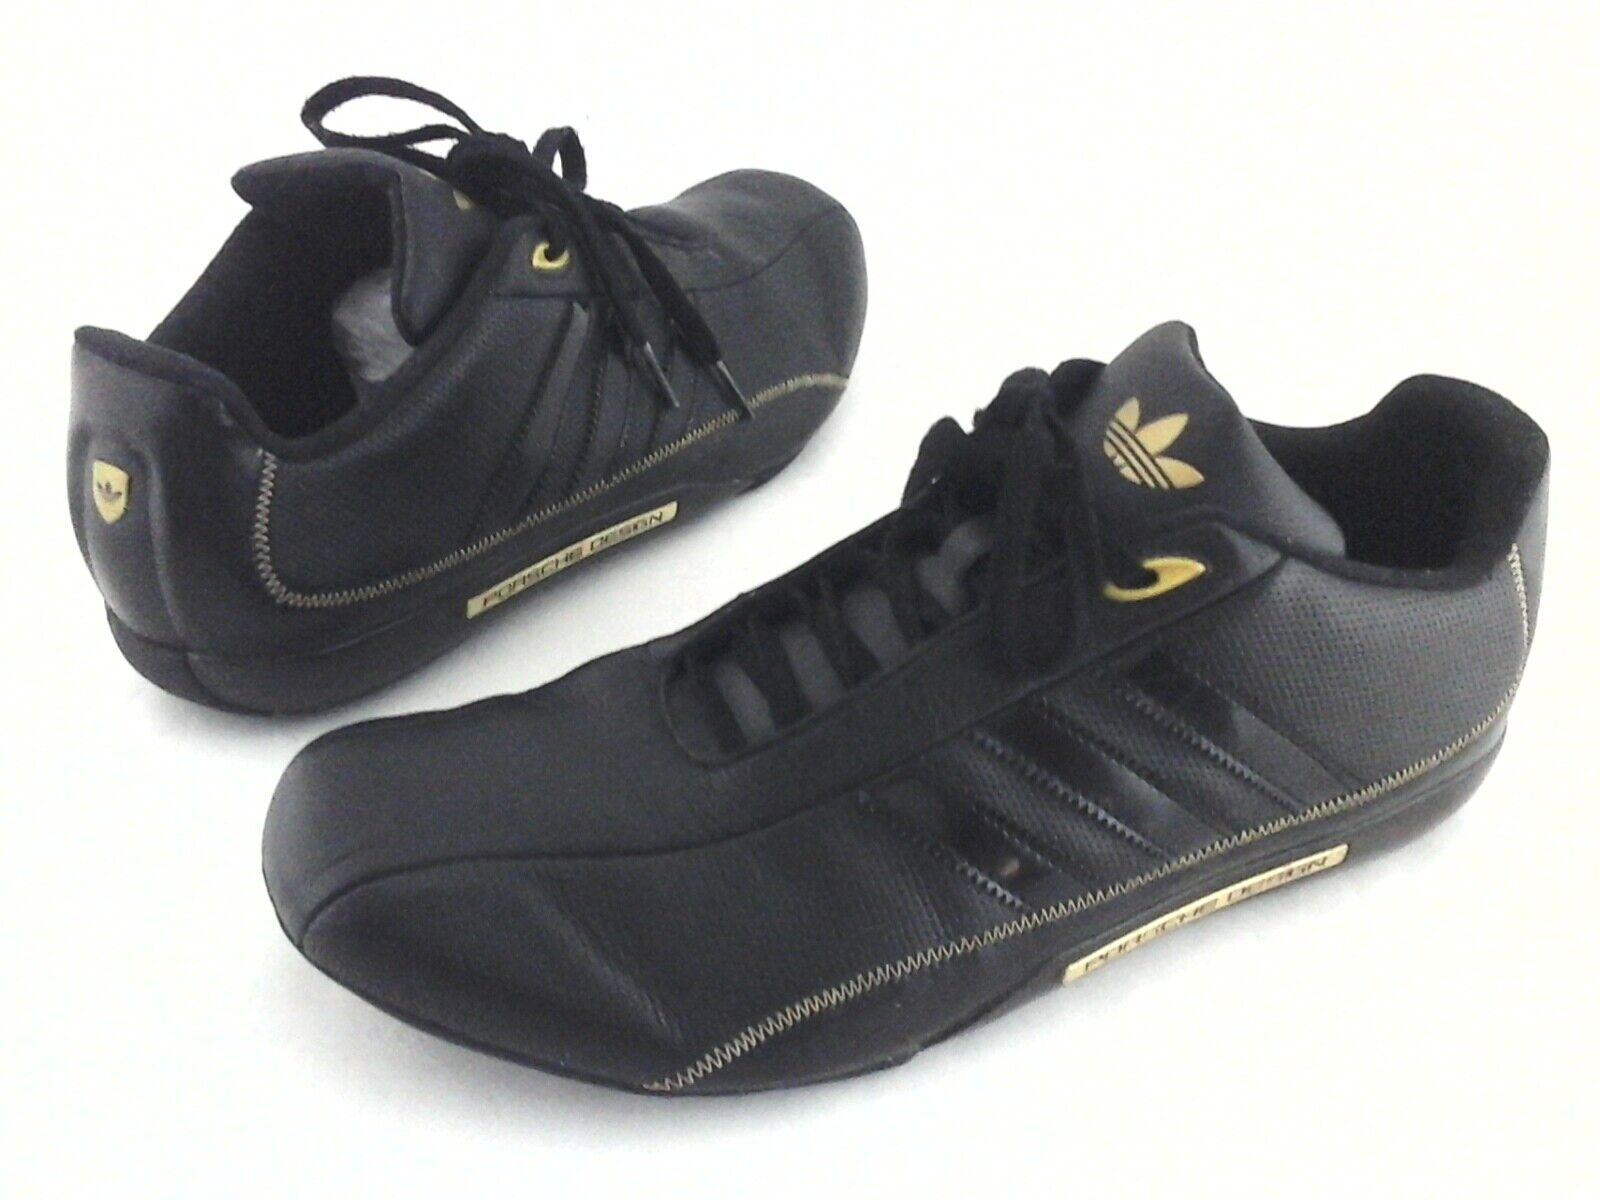 Adidas PORSCHE 2007 Conducción Zapatos Negro W DESIGN oro 024570 para Hombre US 9  3